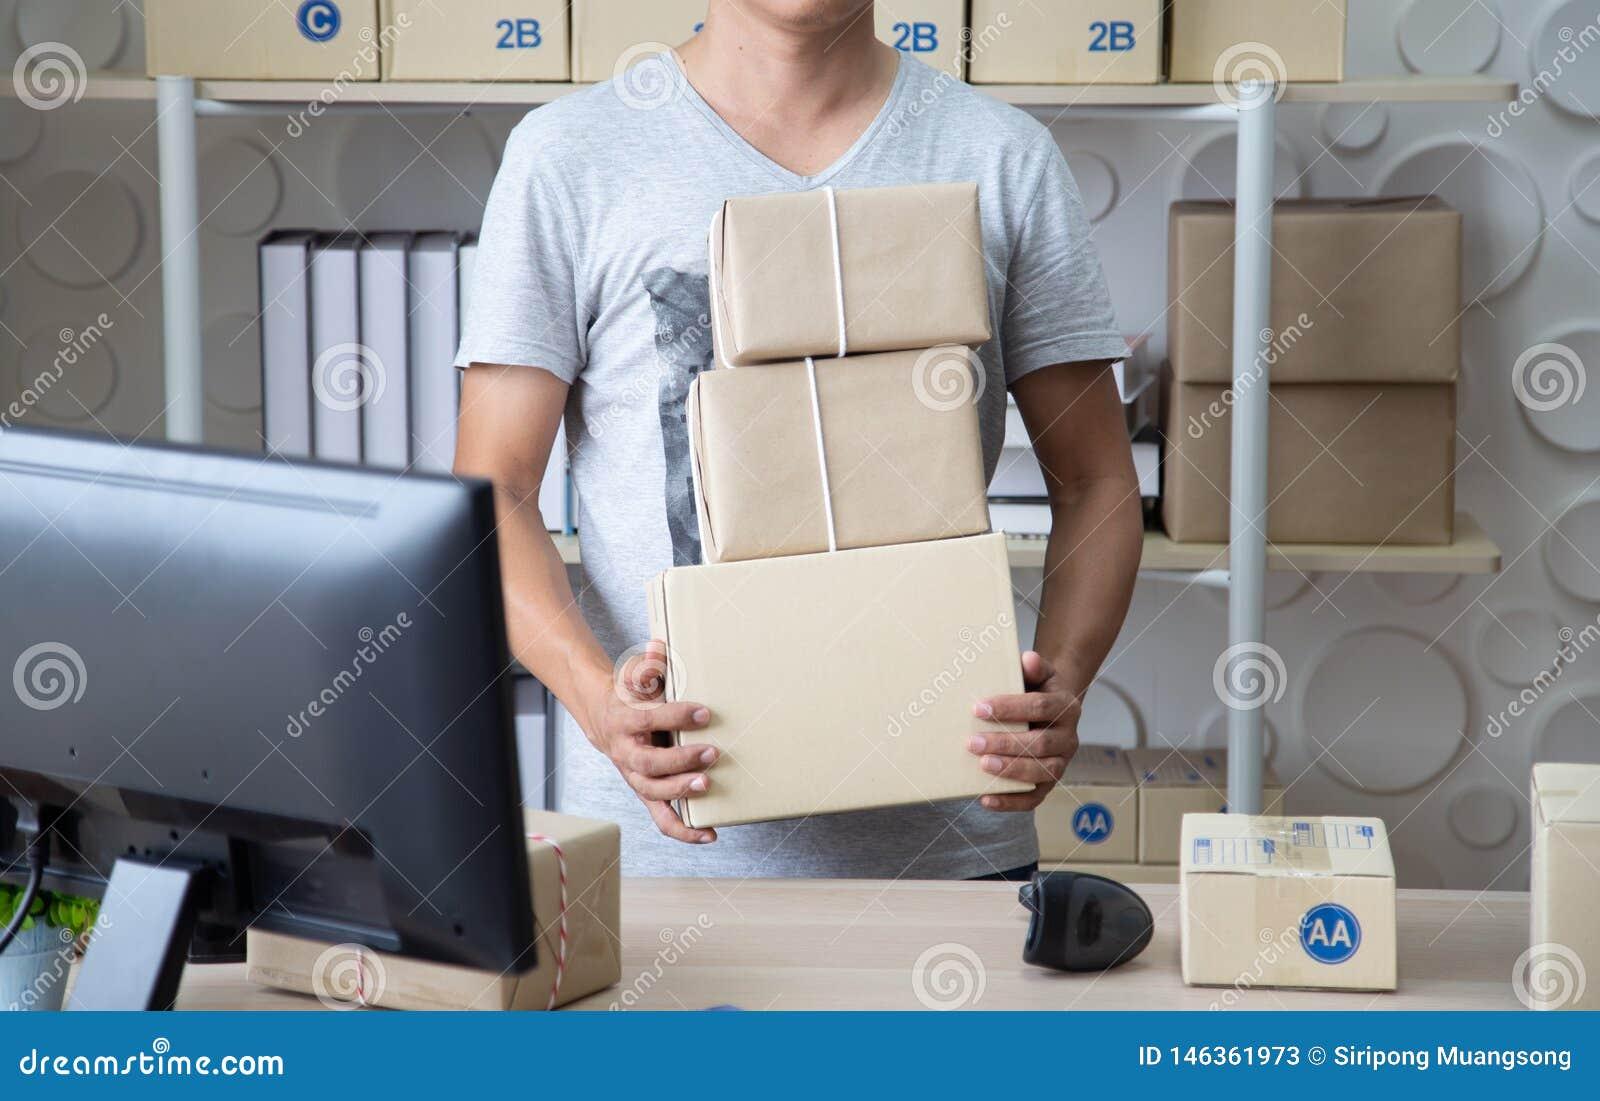 Os SME, caixa da terra arrendada do vendedor da empresa de pequeno porte preparam-se para enviado ao cliente